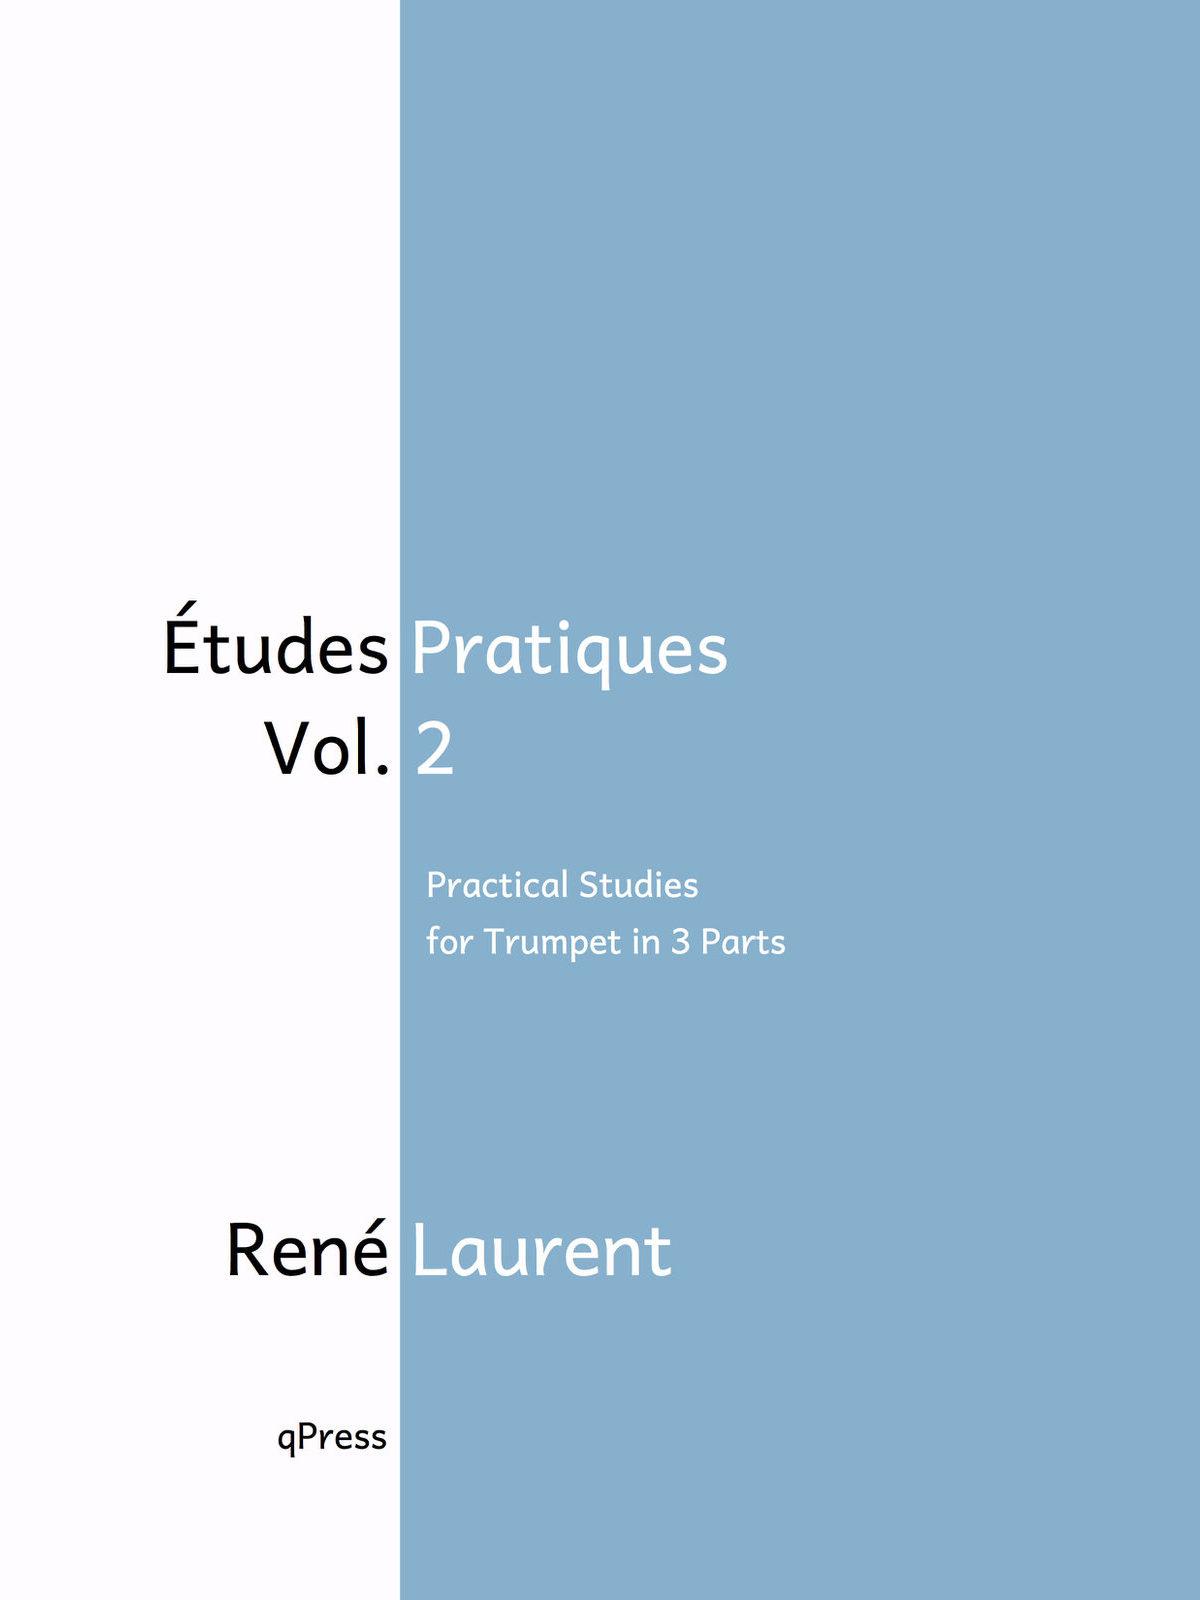 etudes-pratiques-vol-2-cover